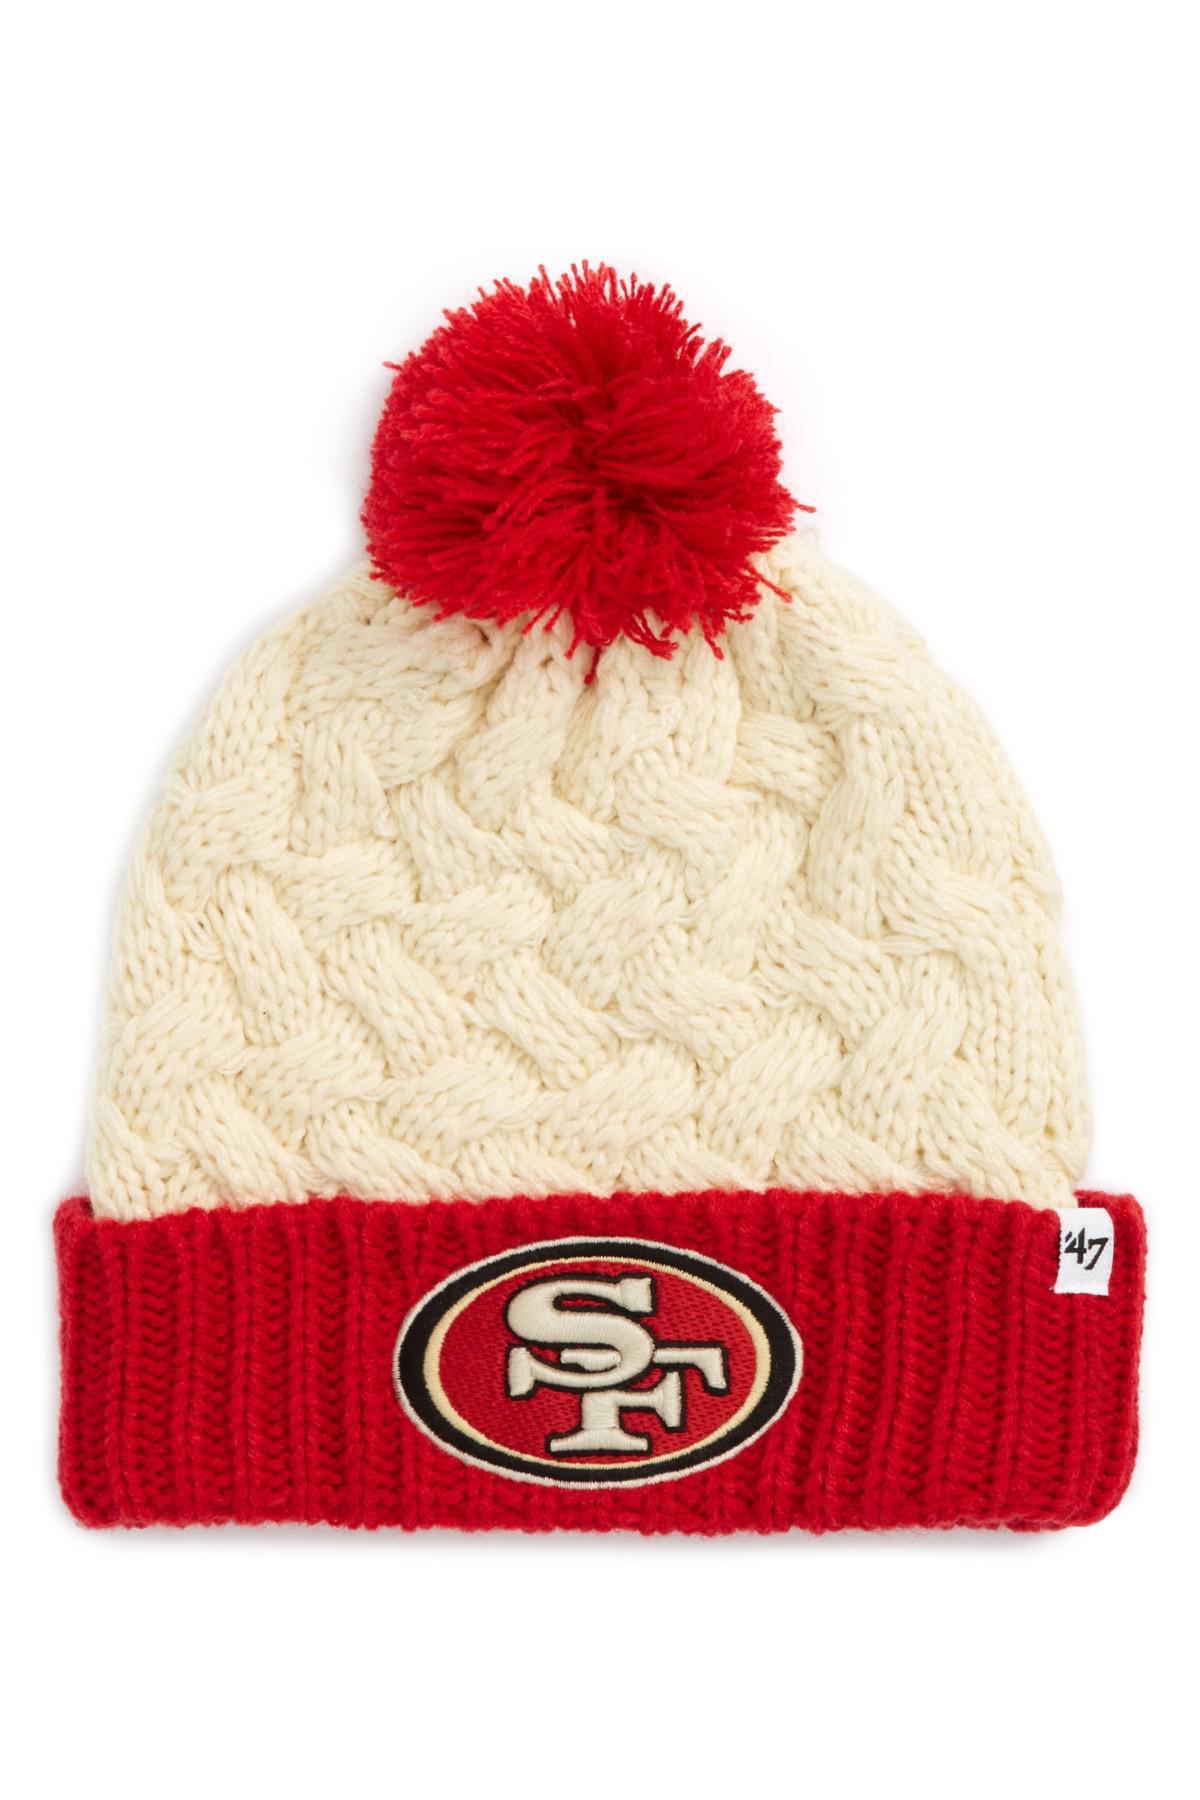 28319fa4d8a ... discount code for 47 brand. womens red matterhorn san francisco 49ers  beanie 6bafa 61acc